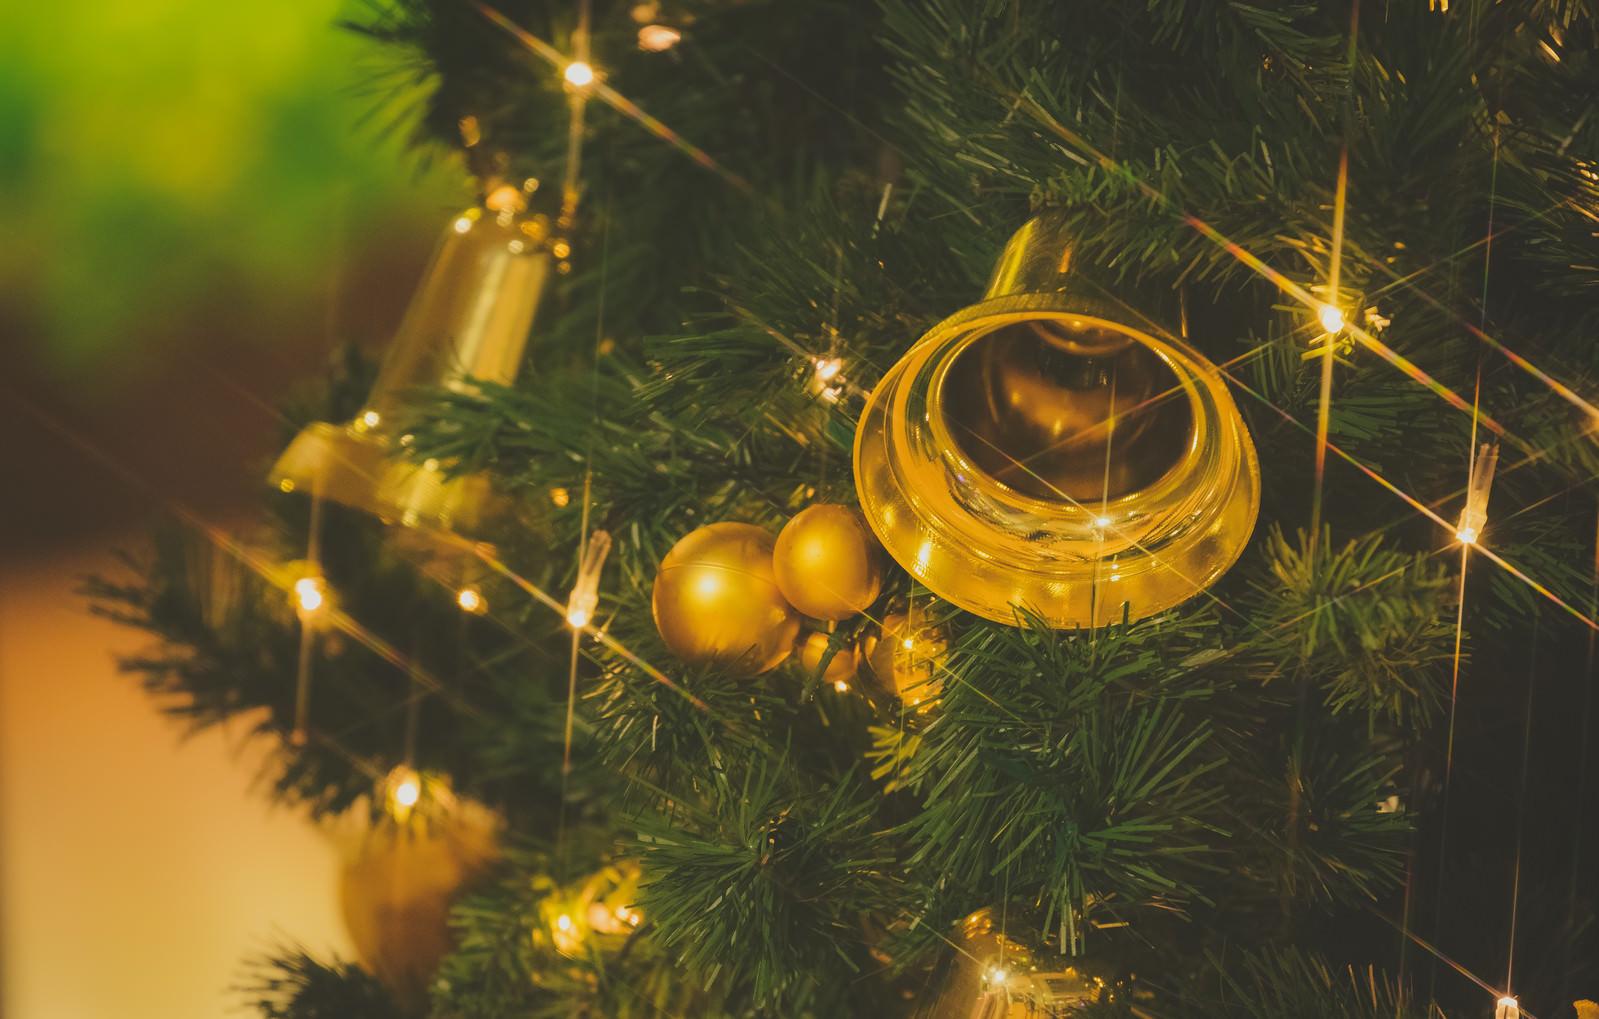 「クリスマスツリーとベル」の写真